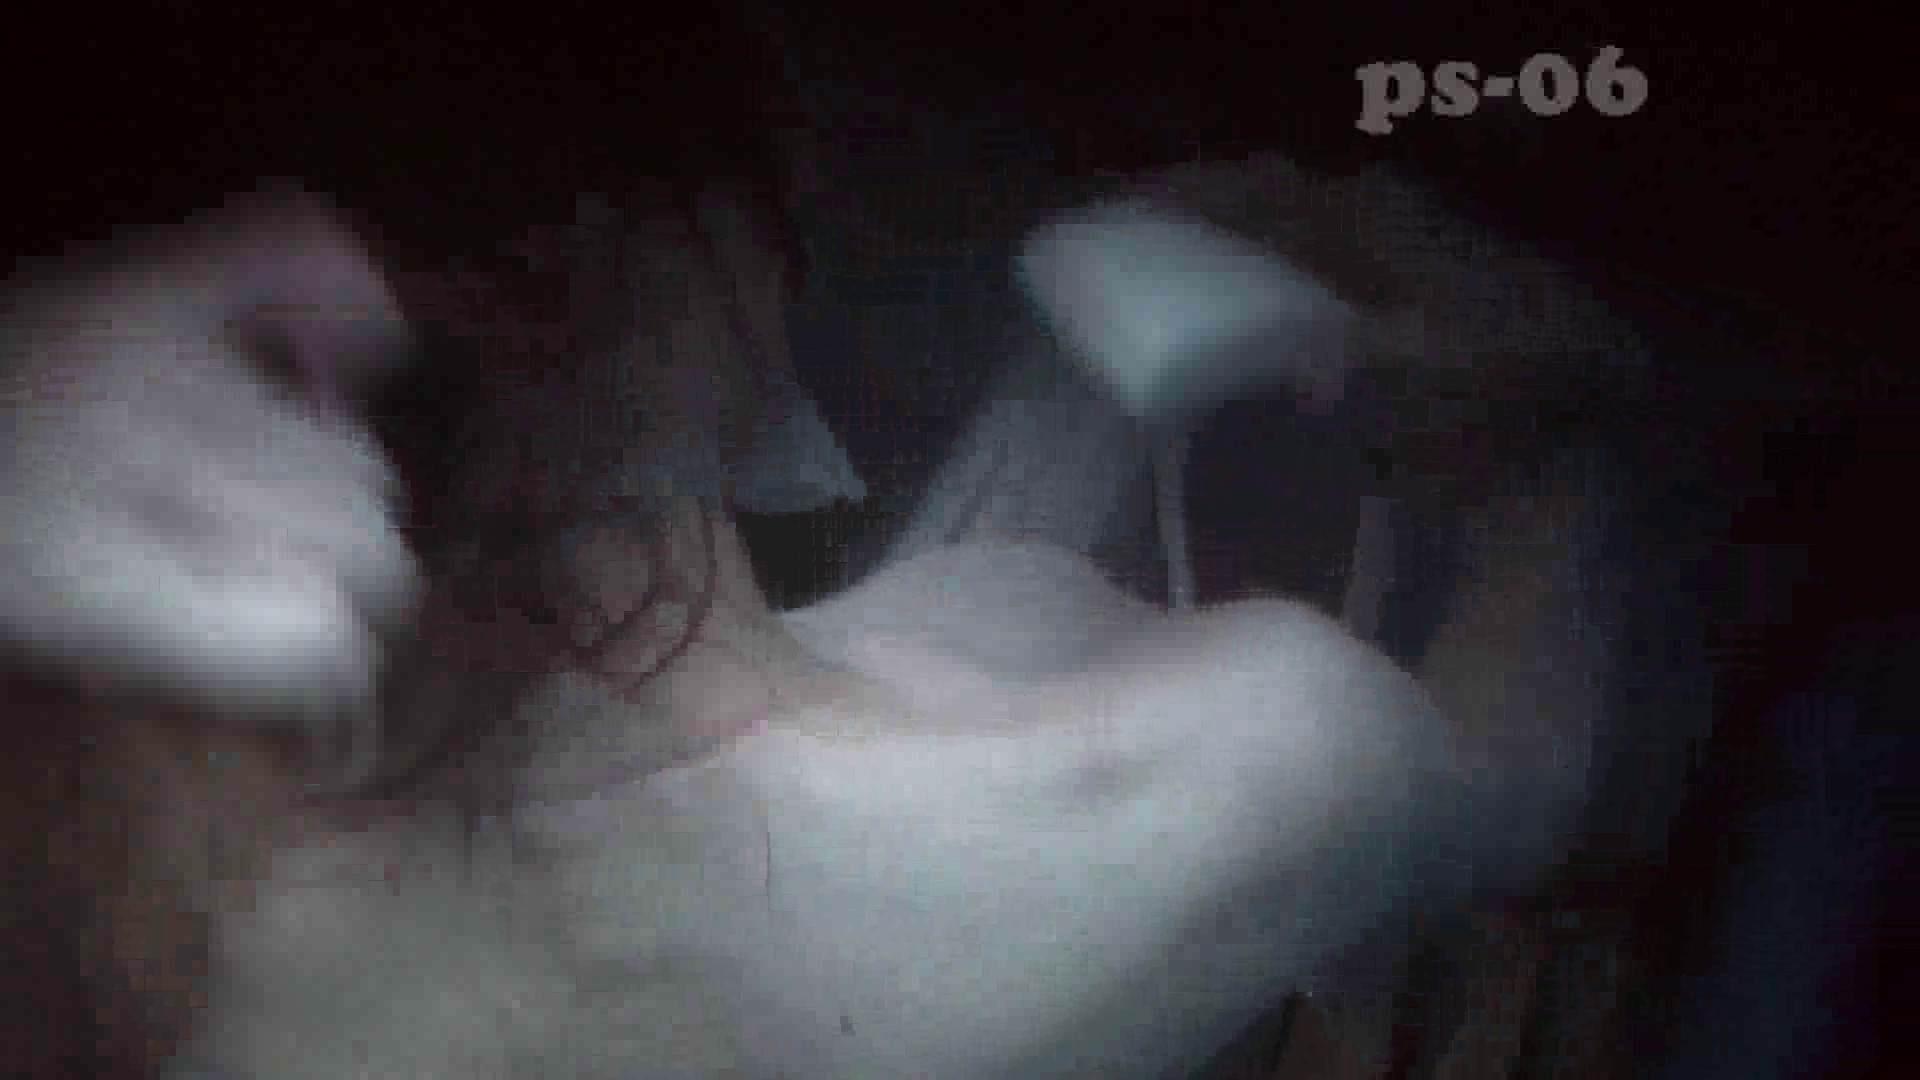 シャワールームは危険な香りVol.6(ハイビジョンサンプル版) 盗撮編   盛合せ  99枚 31